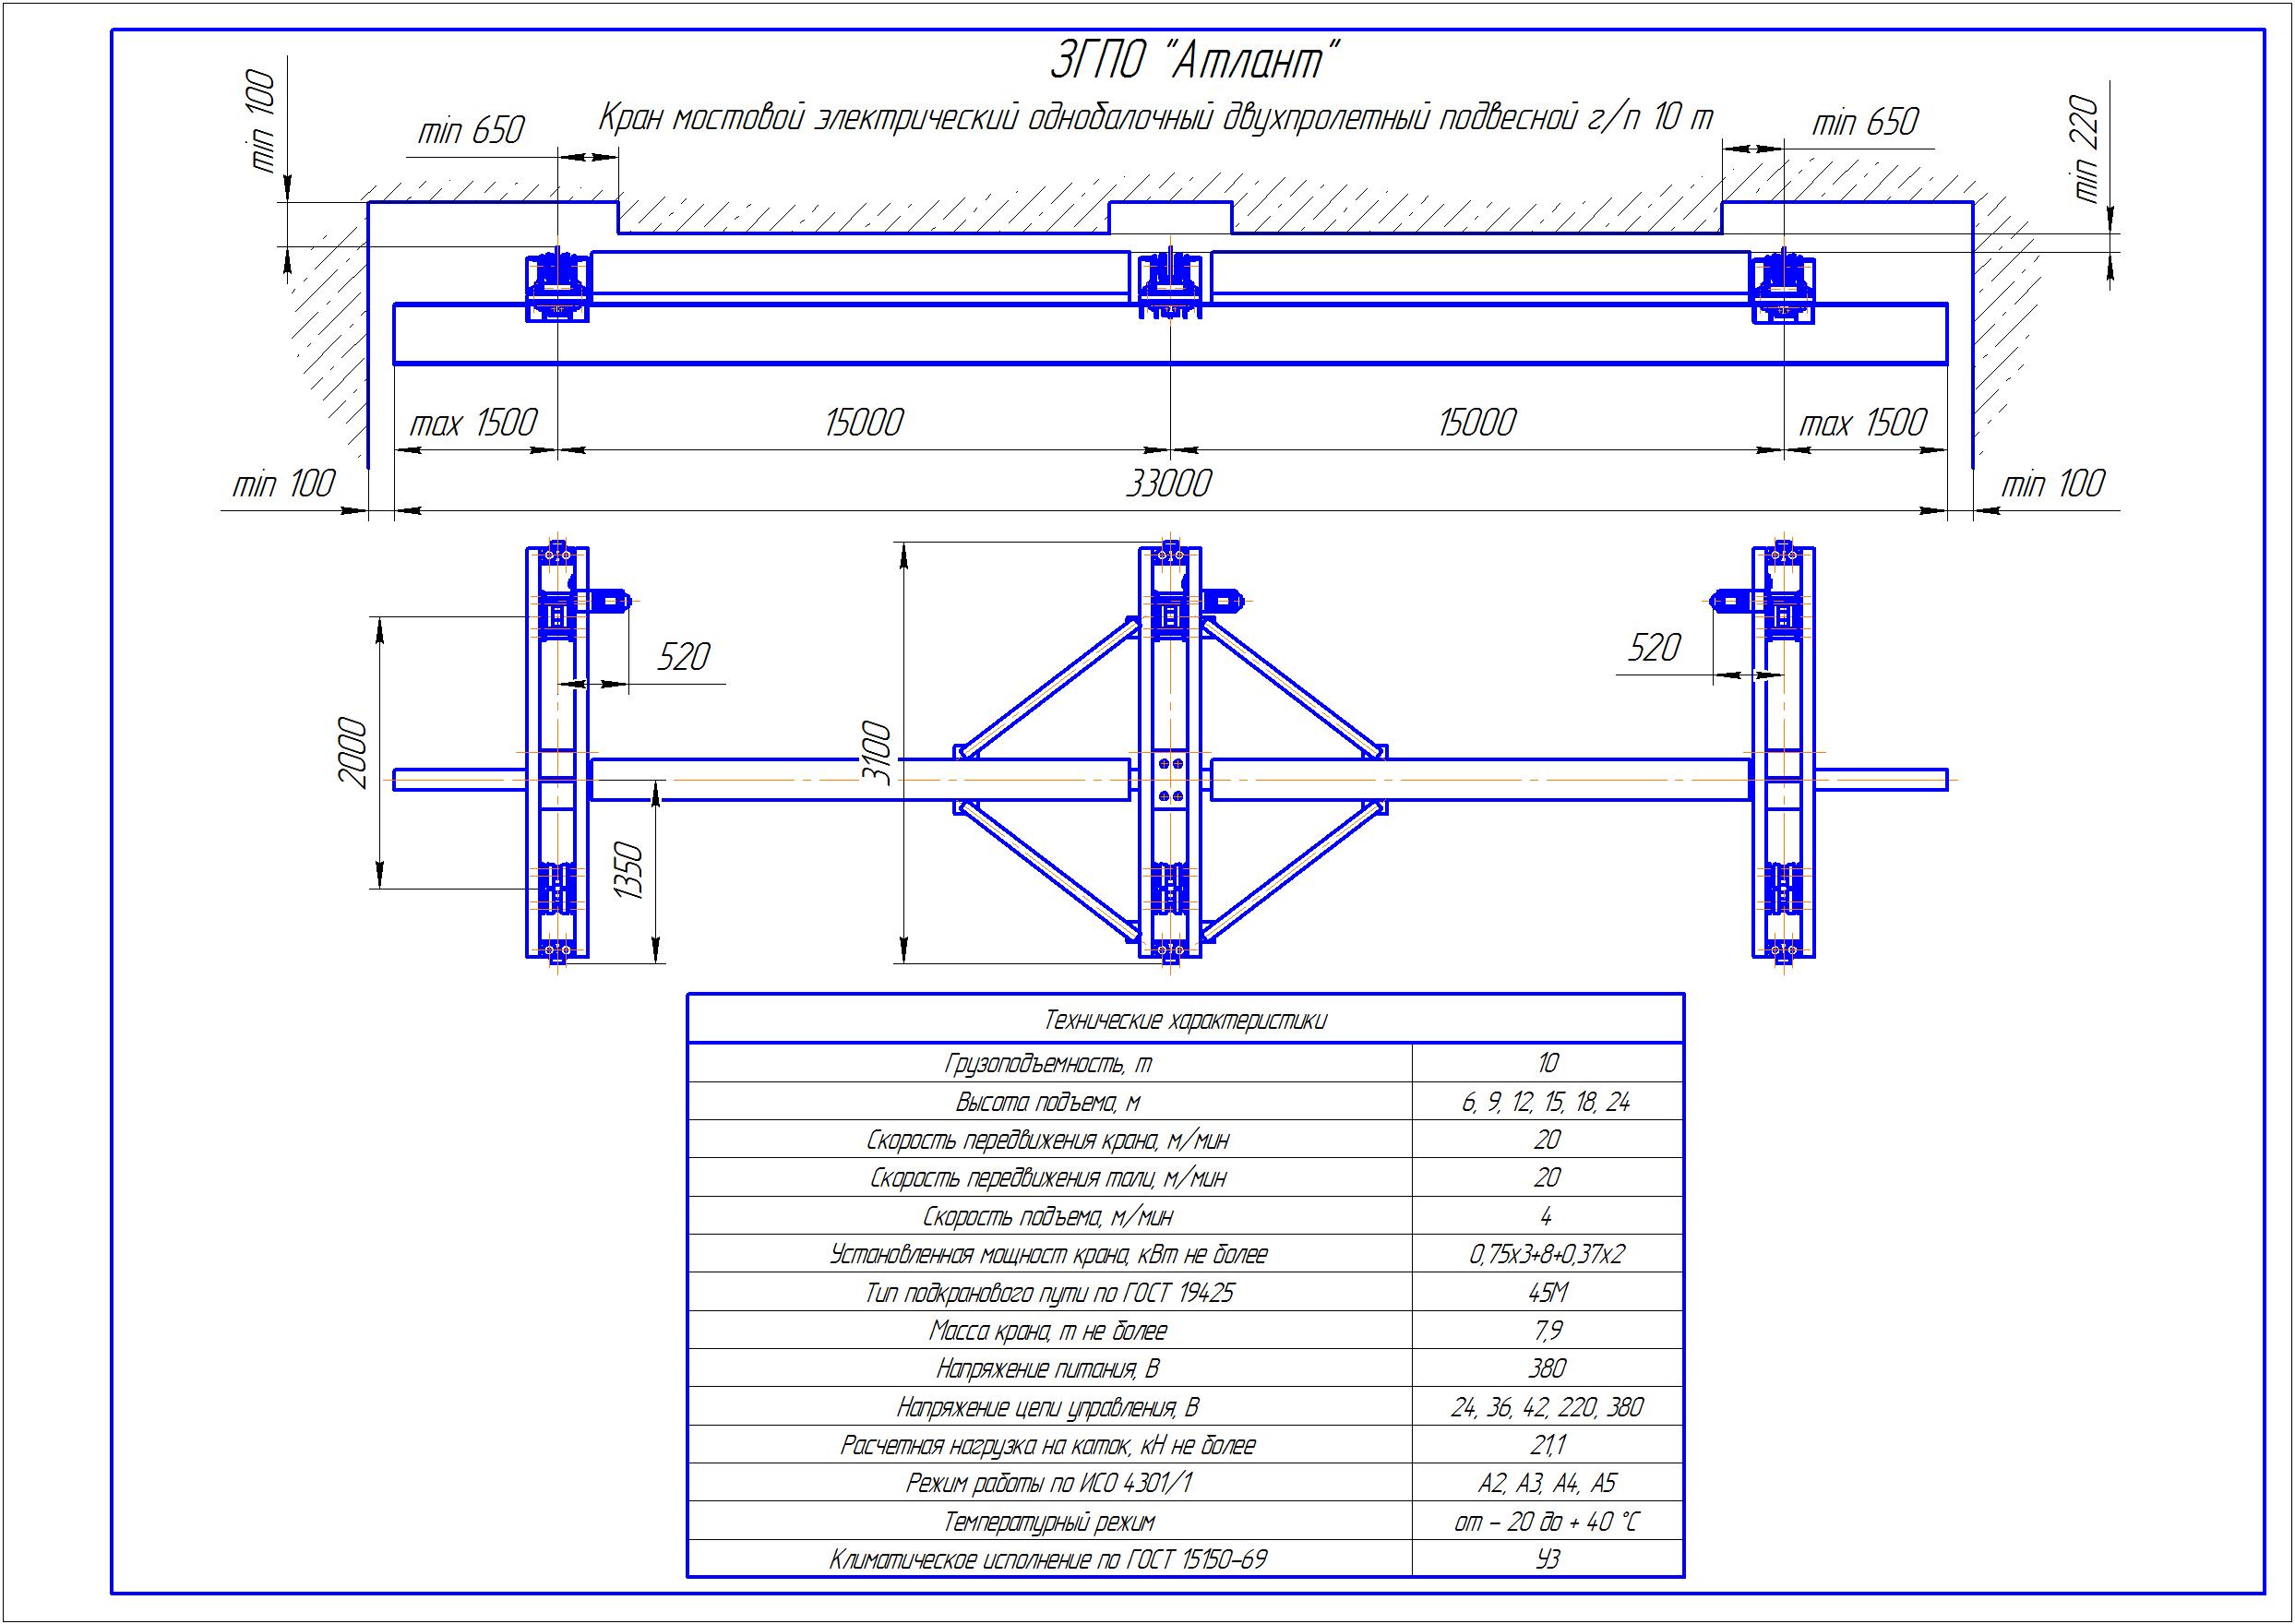 KBPD 7 5 - Подвесная кран балка двухпролетная